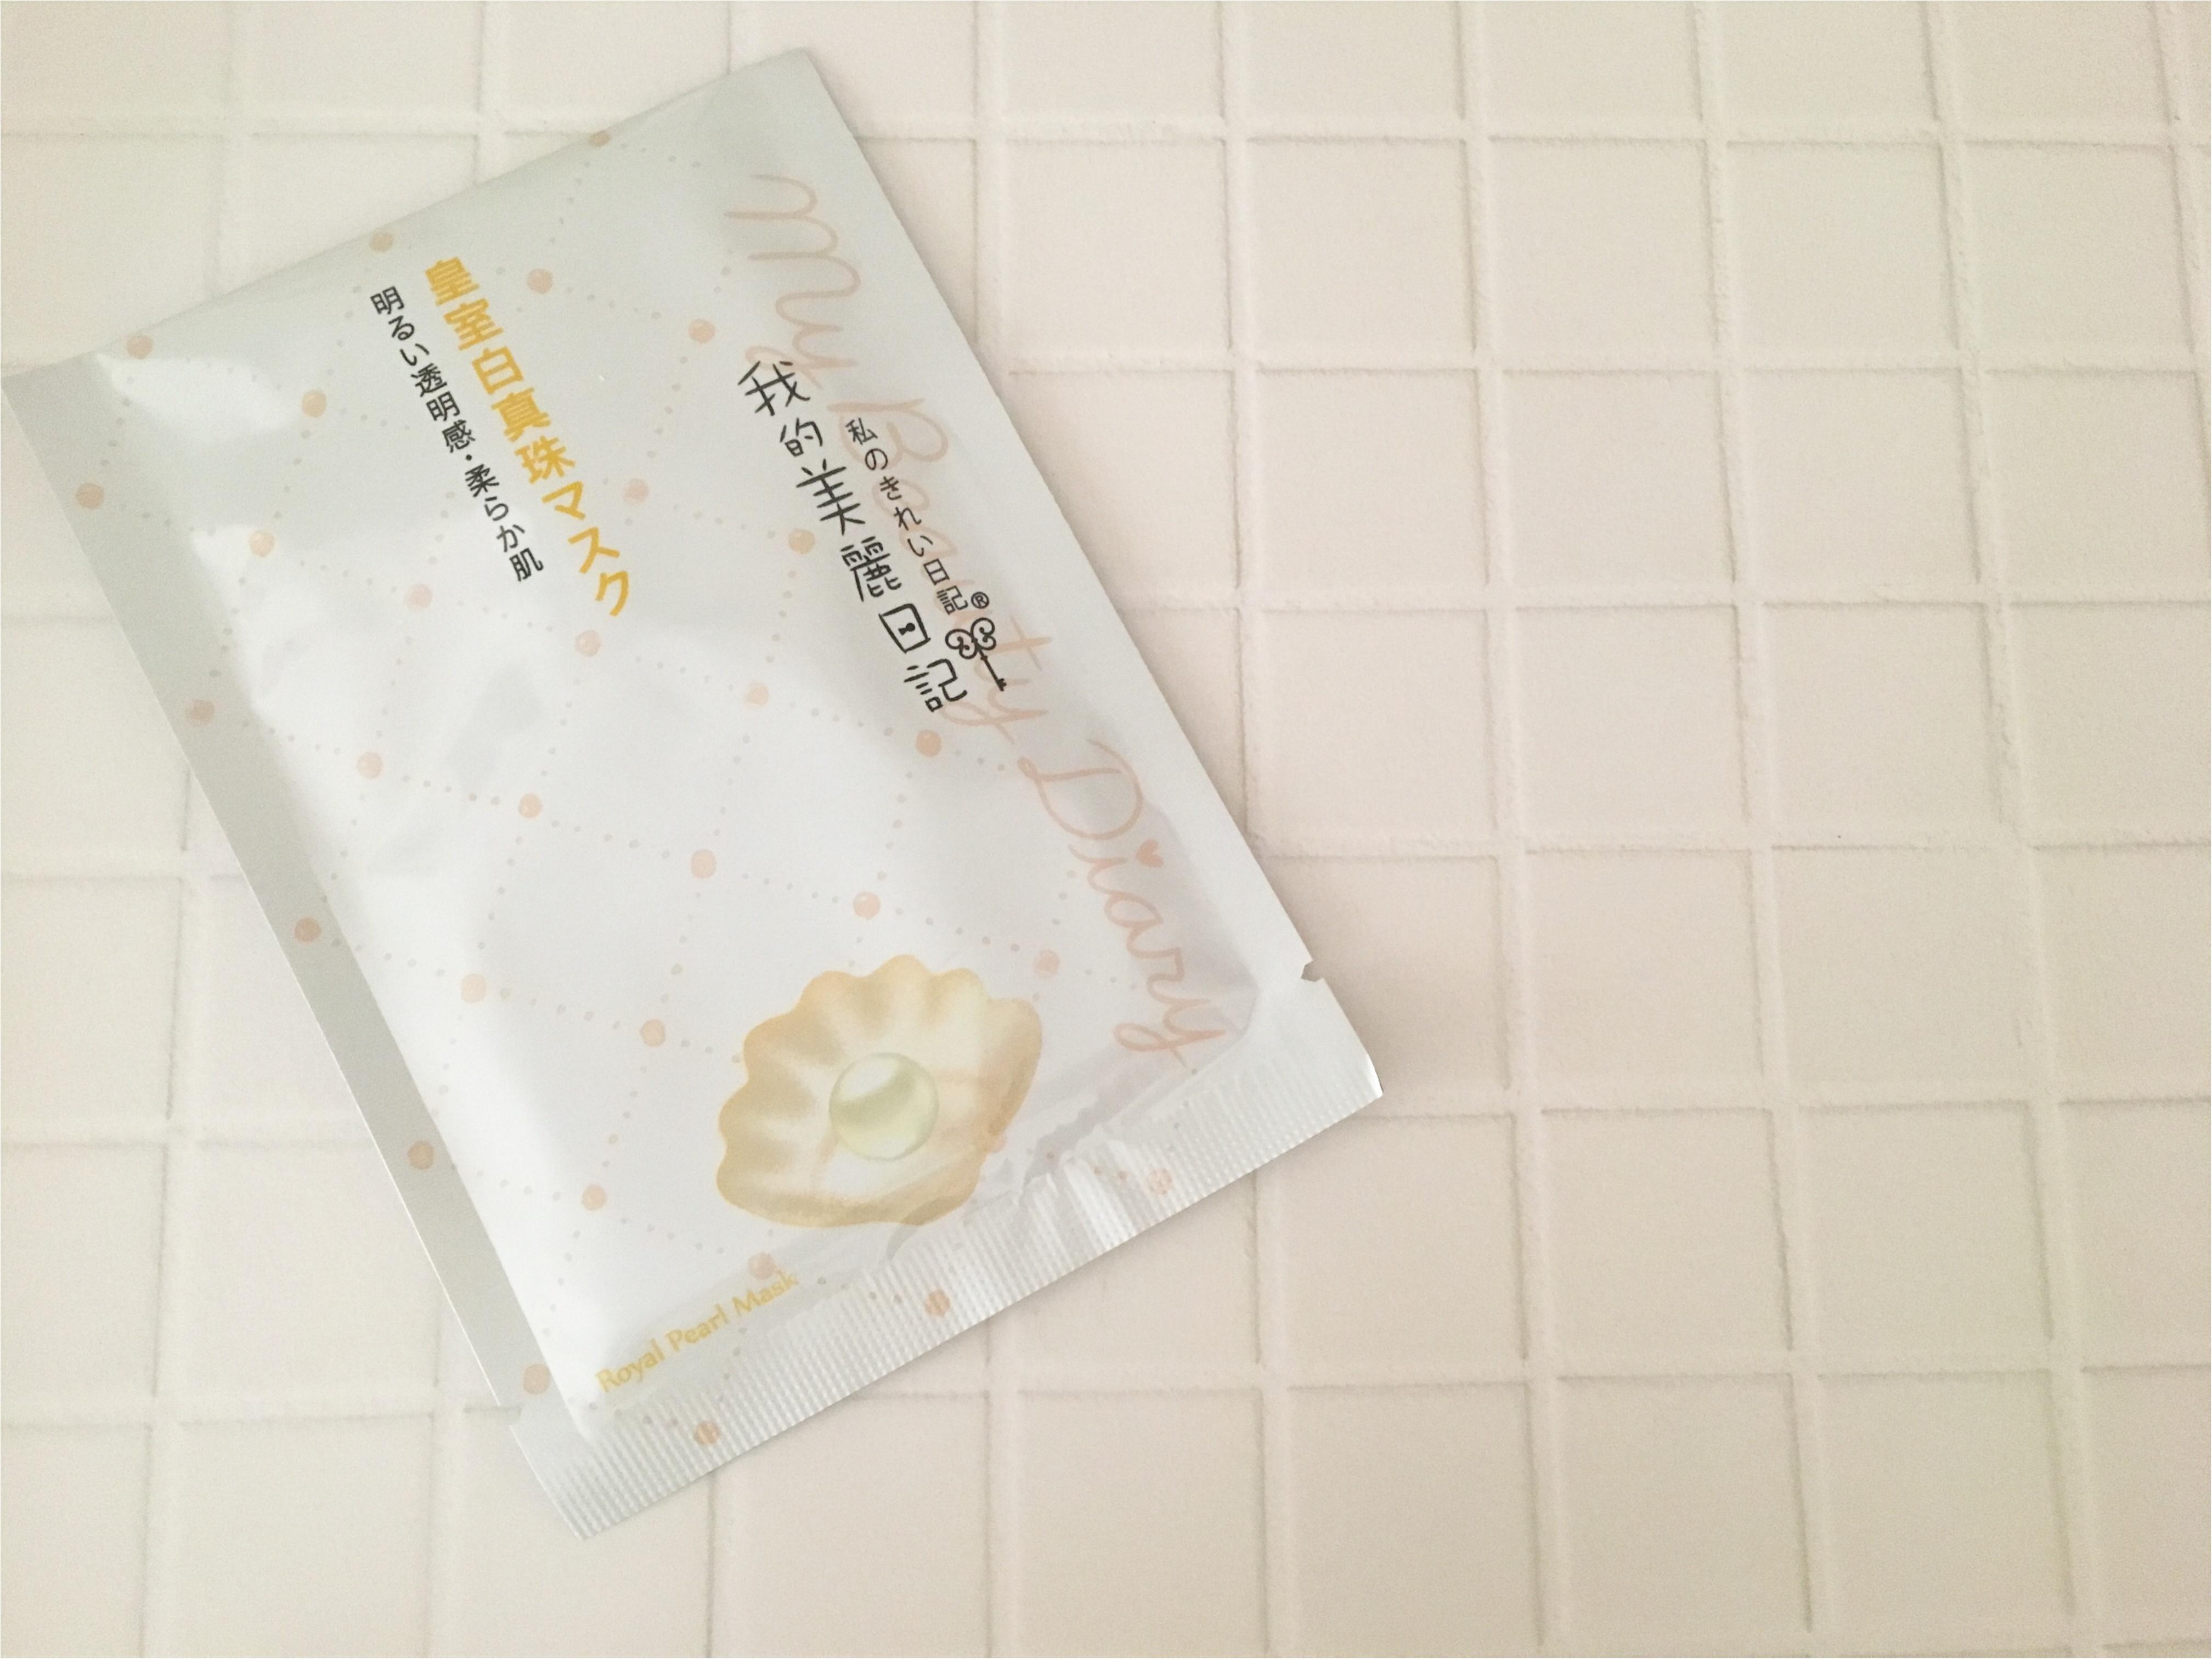 パックコレクターが絶賛!台湾コスメ『我的美麗日記(私のきれい日記)』_4